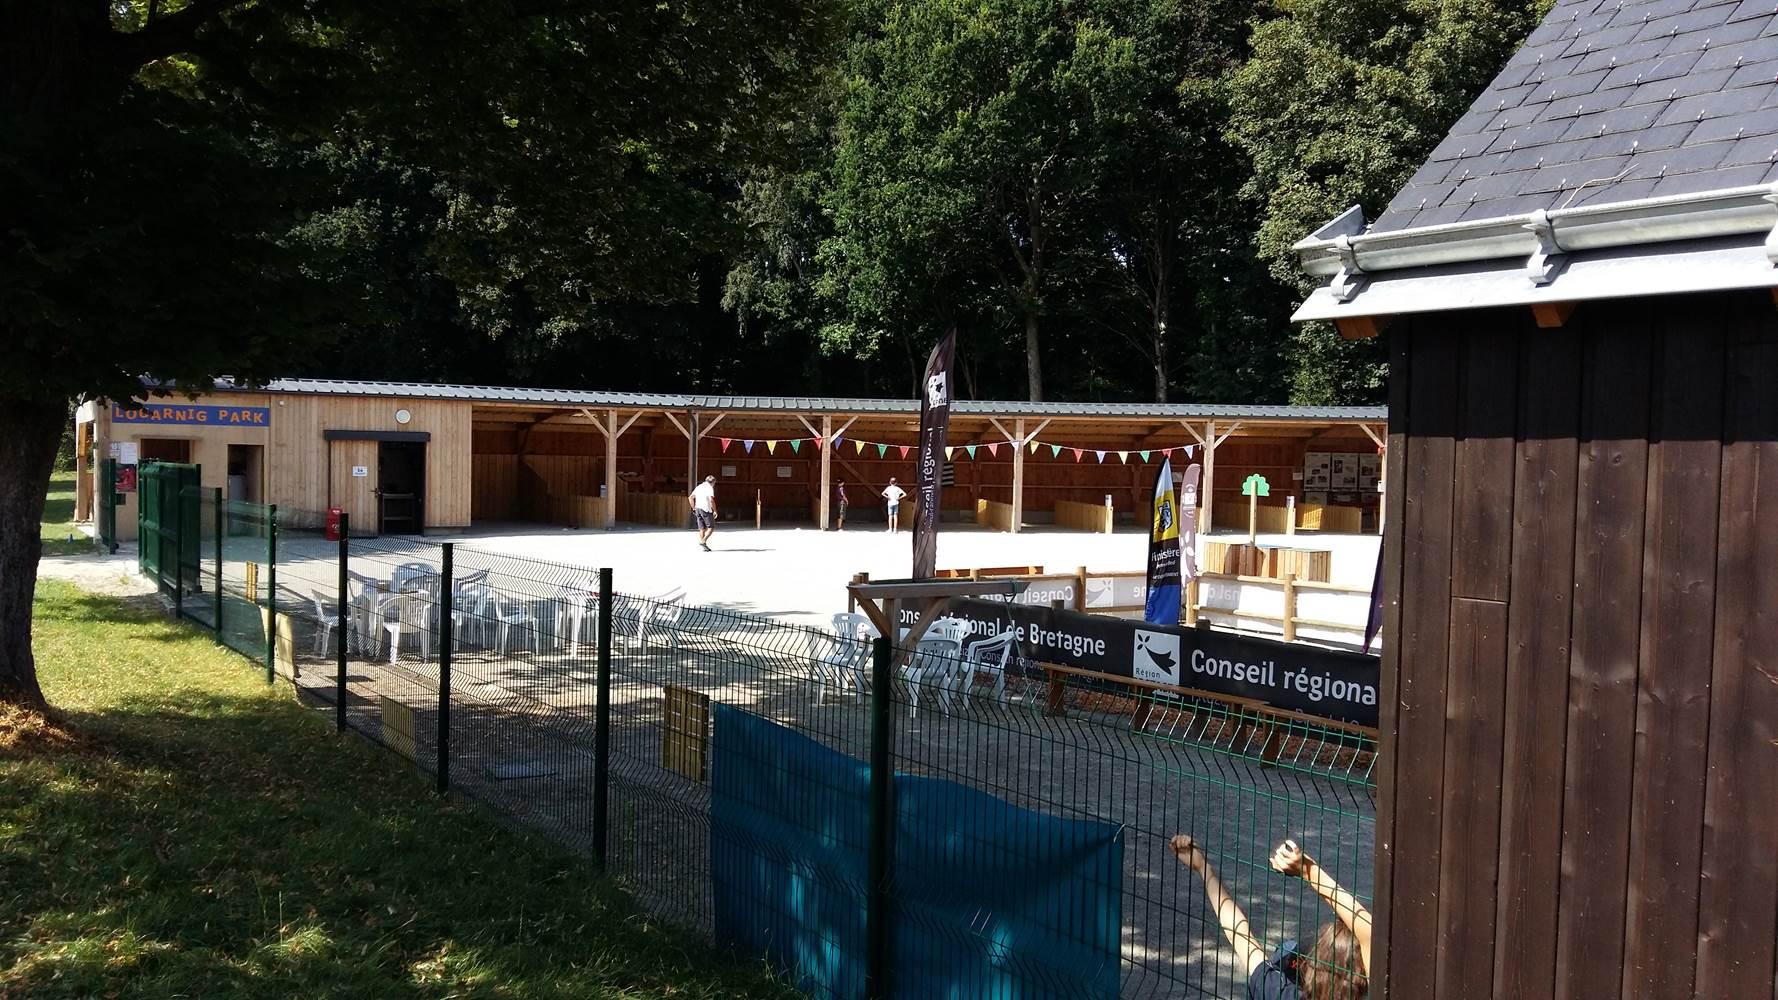 Louarnig Park, Intérieur du parc ©